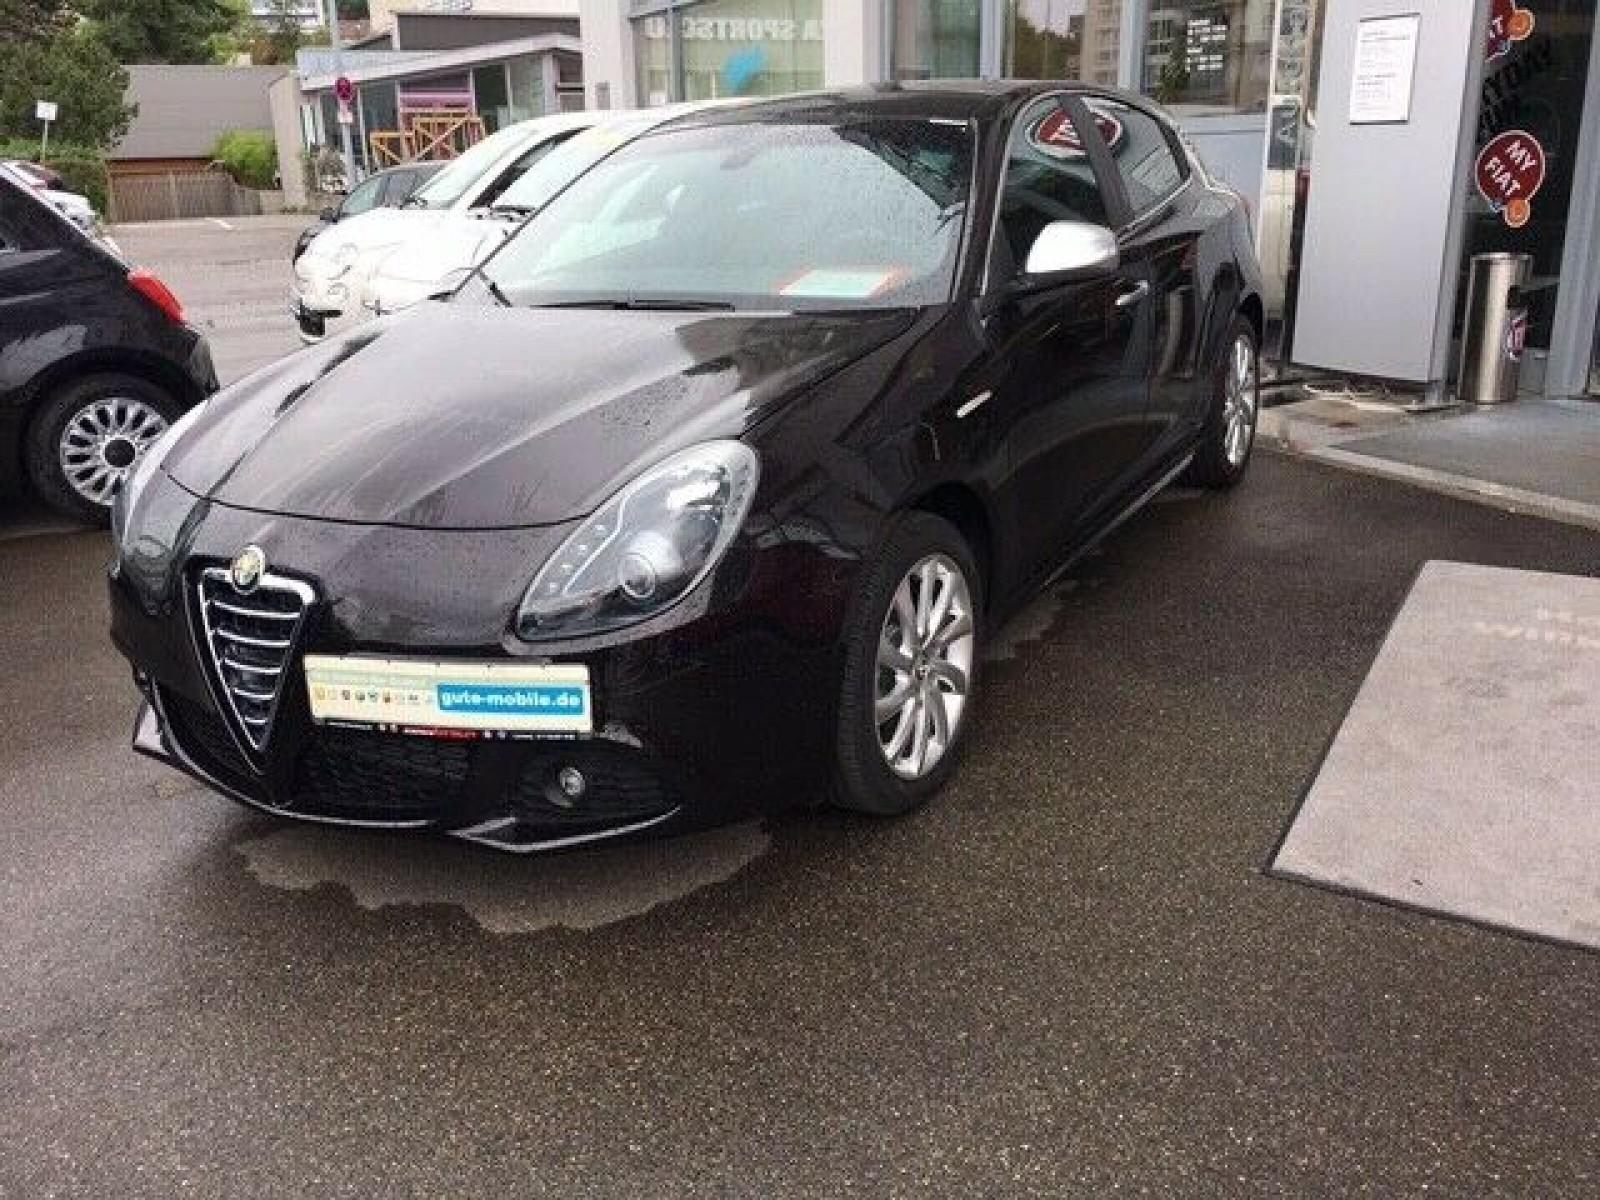 Alfa Romeo Giulietta 1.4 TB 16V Turismo Bi-Xenon Sportpaket, Jahr 2013, Benzin